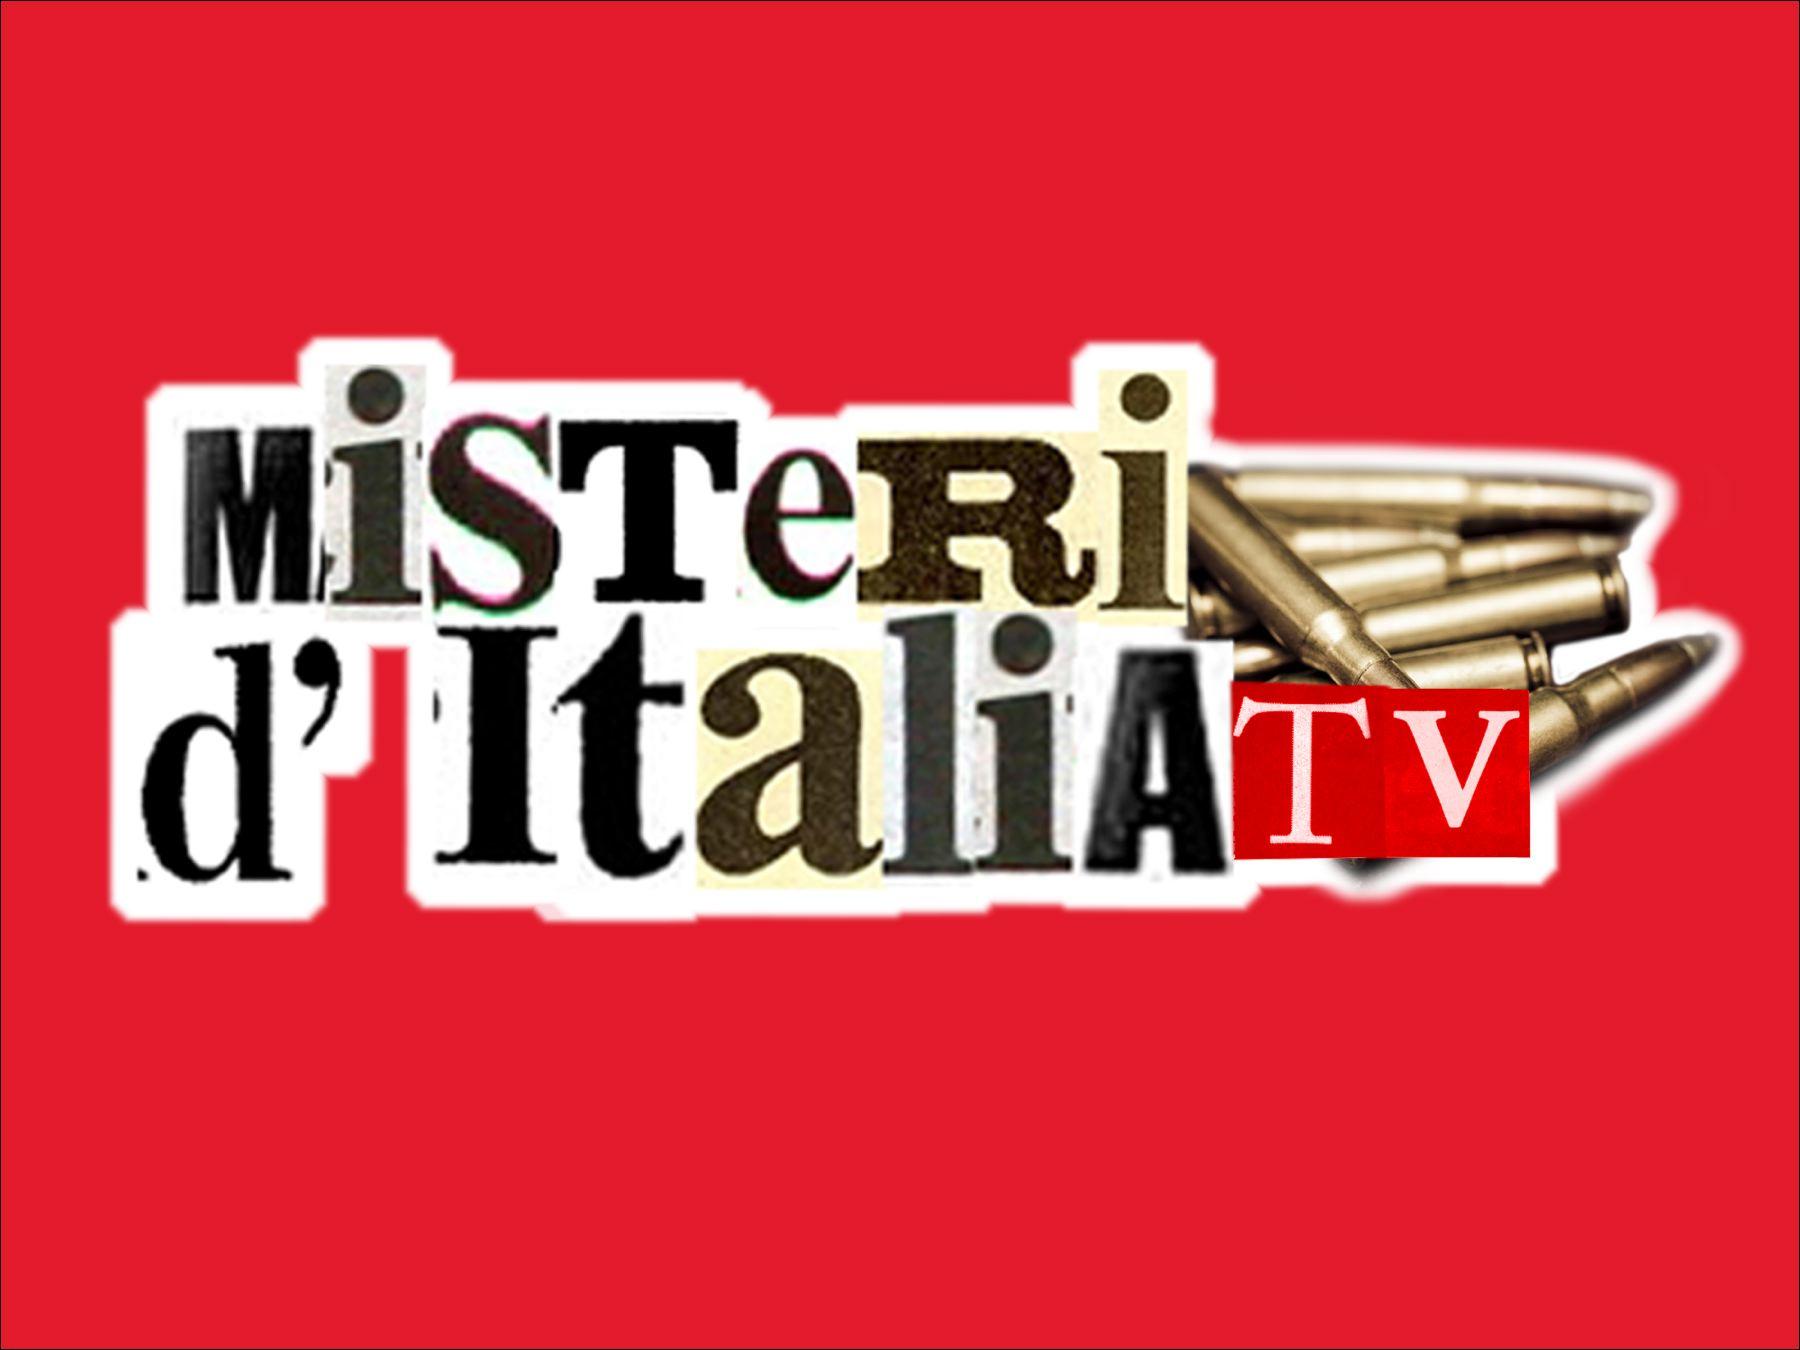 Misteri d'Italia TV